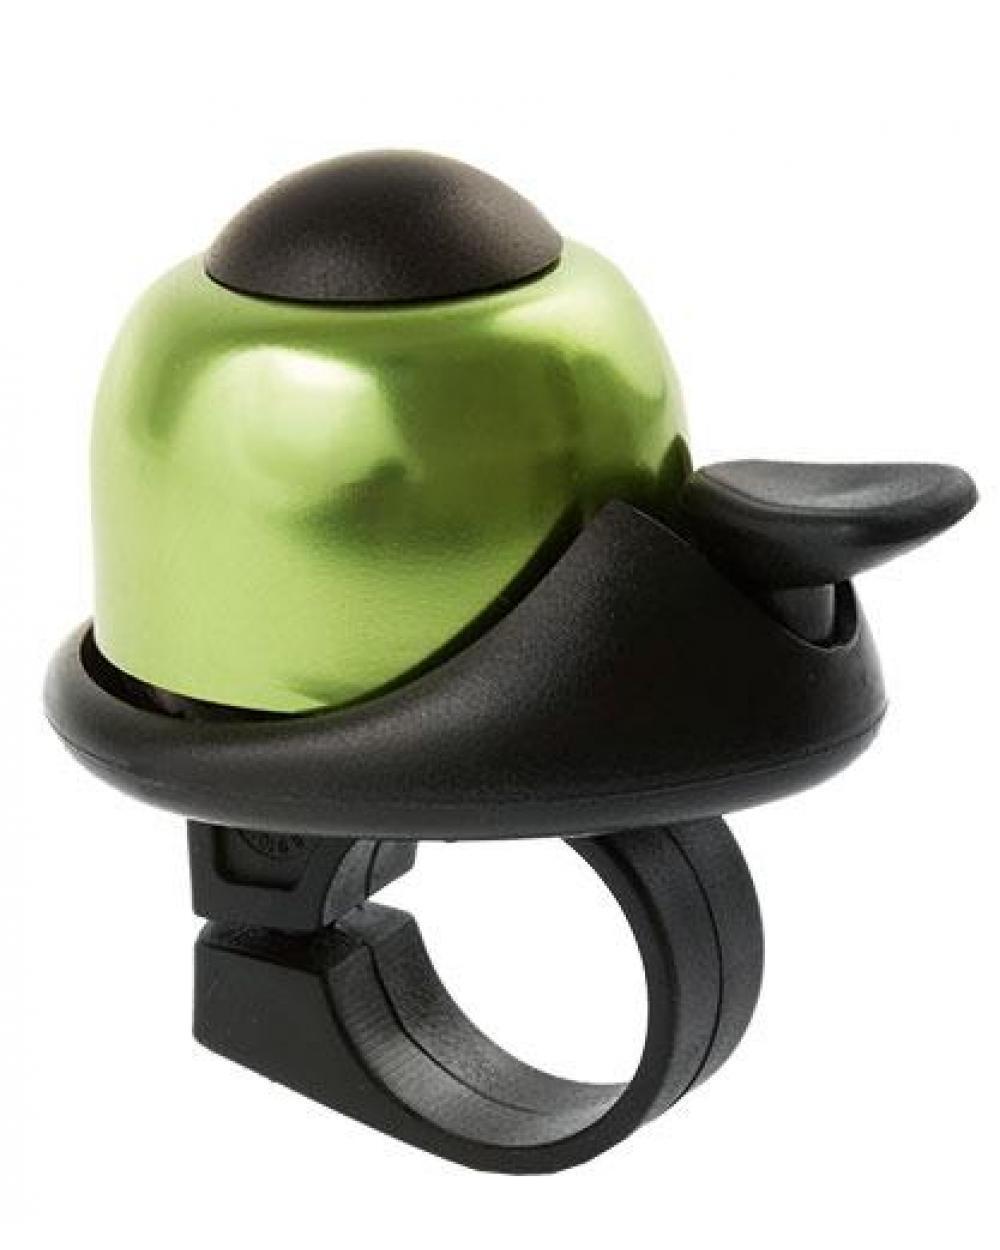 Звонок велосипедный M-Wave bella design зеленый (A-DKL-0078)